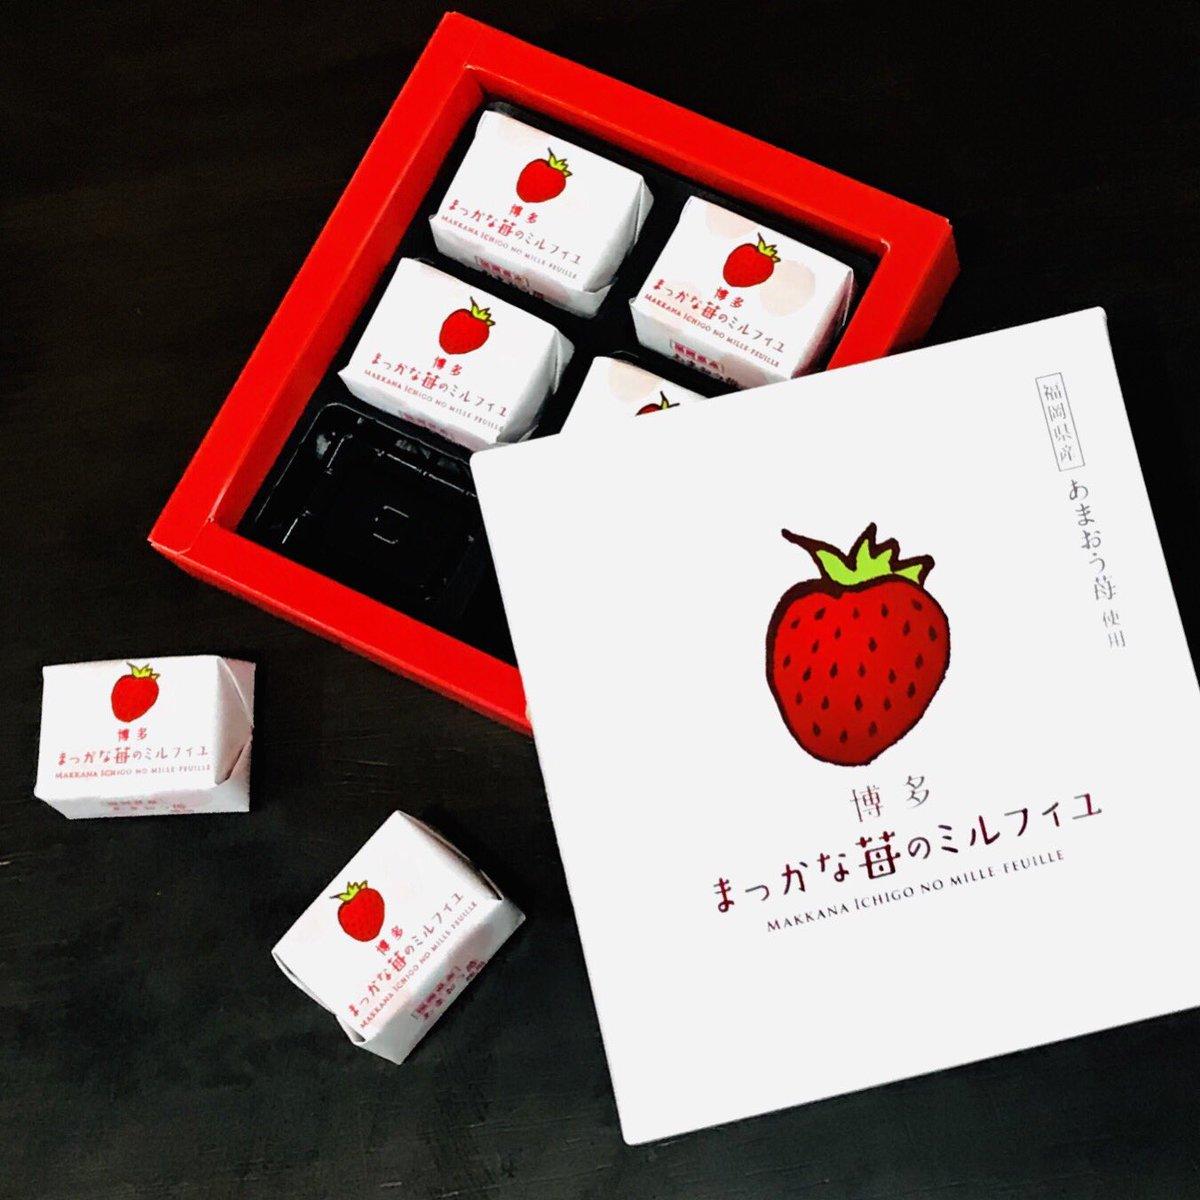 test ツイッターメディア - 福岡のお土産「苺のミルフィユ」 美味しかったよー!  ベルンのチョコミルフィーユと 似た雰囲気のやーつ。  ベルンのチョコミルフィーユ めっちゃ美味しいよね♡  好きな人いるー?   #ゆうこりんはダイエット情弱 https://t.co/s7kHJHyySy